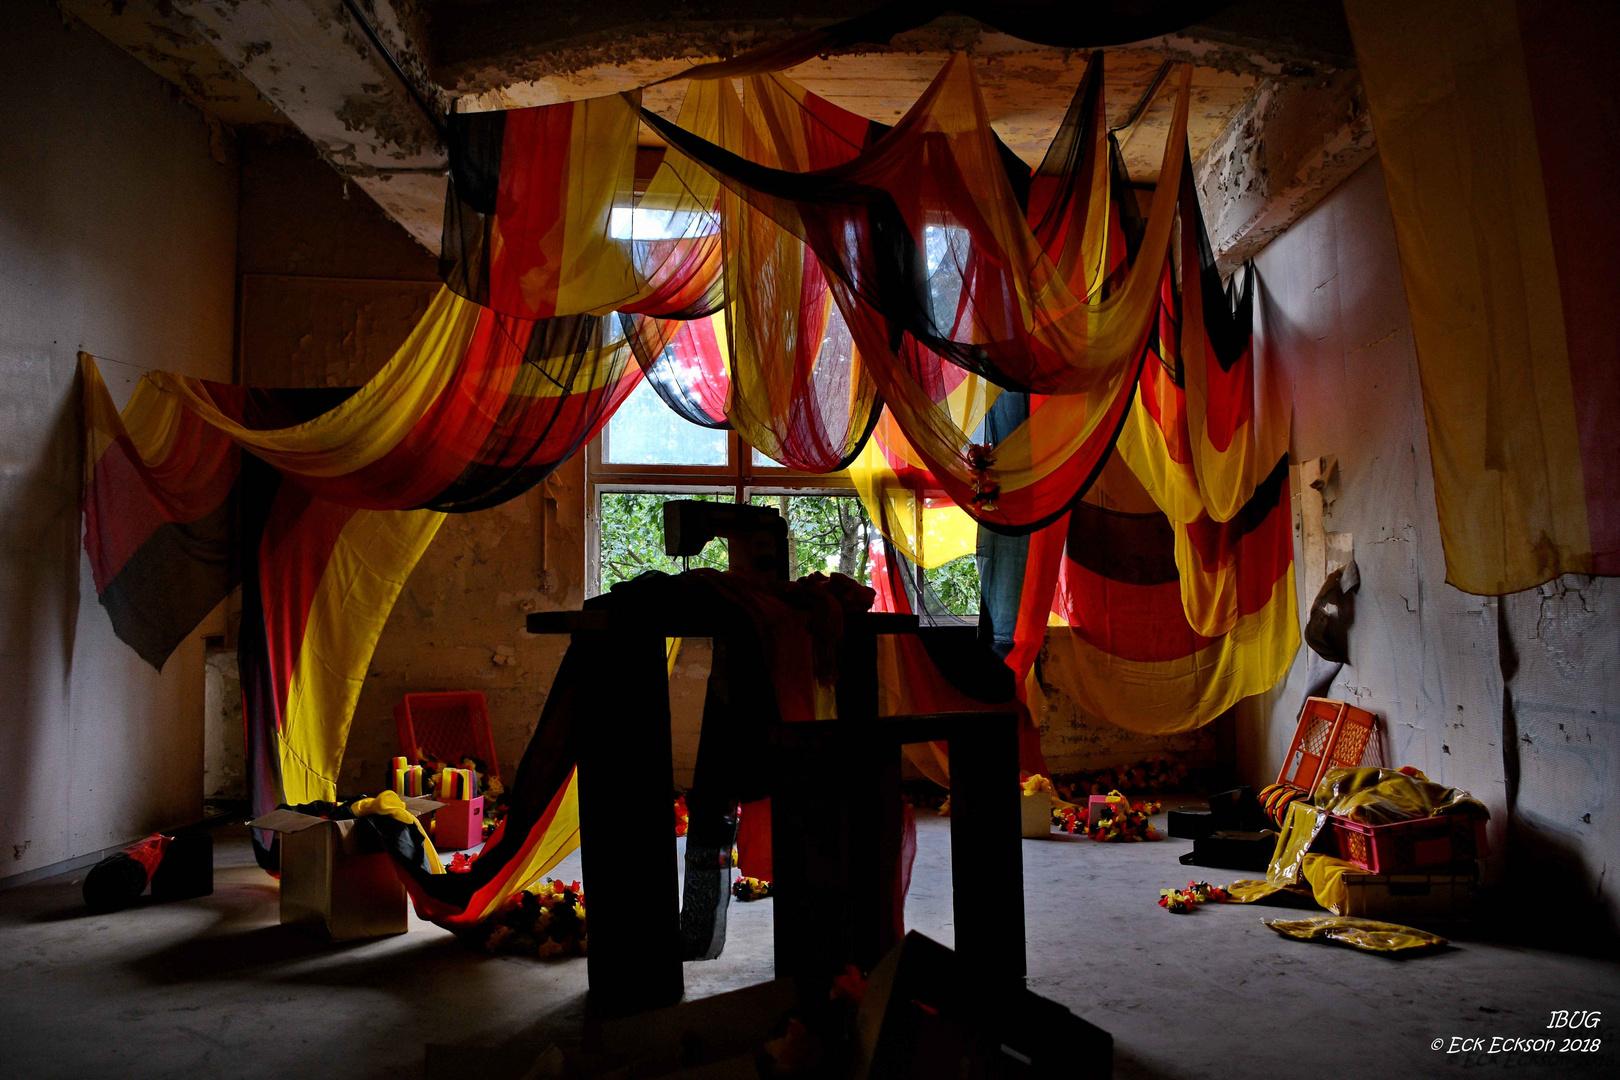 Dunkel Doitsches Wohnzimmer Foto Bild Dokumentation